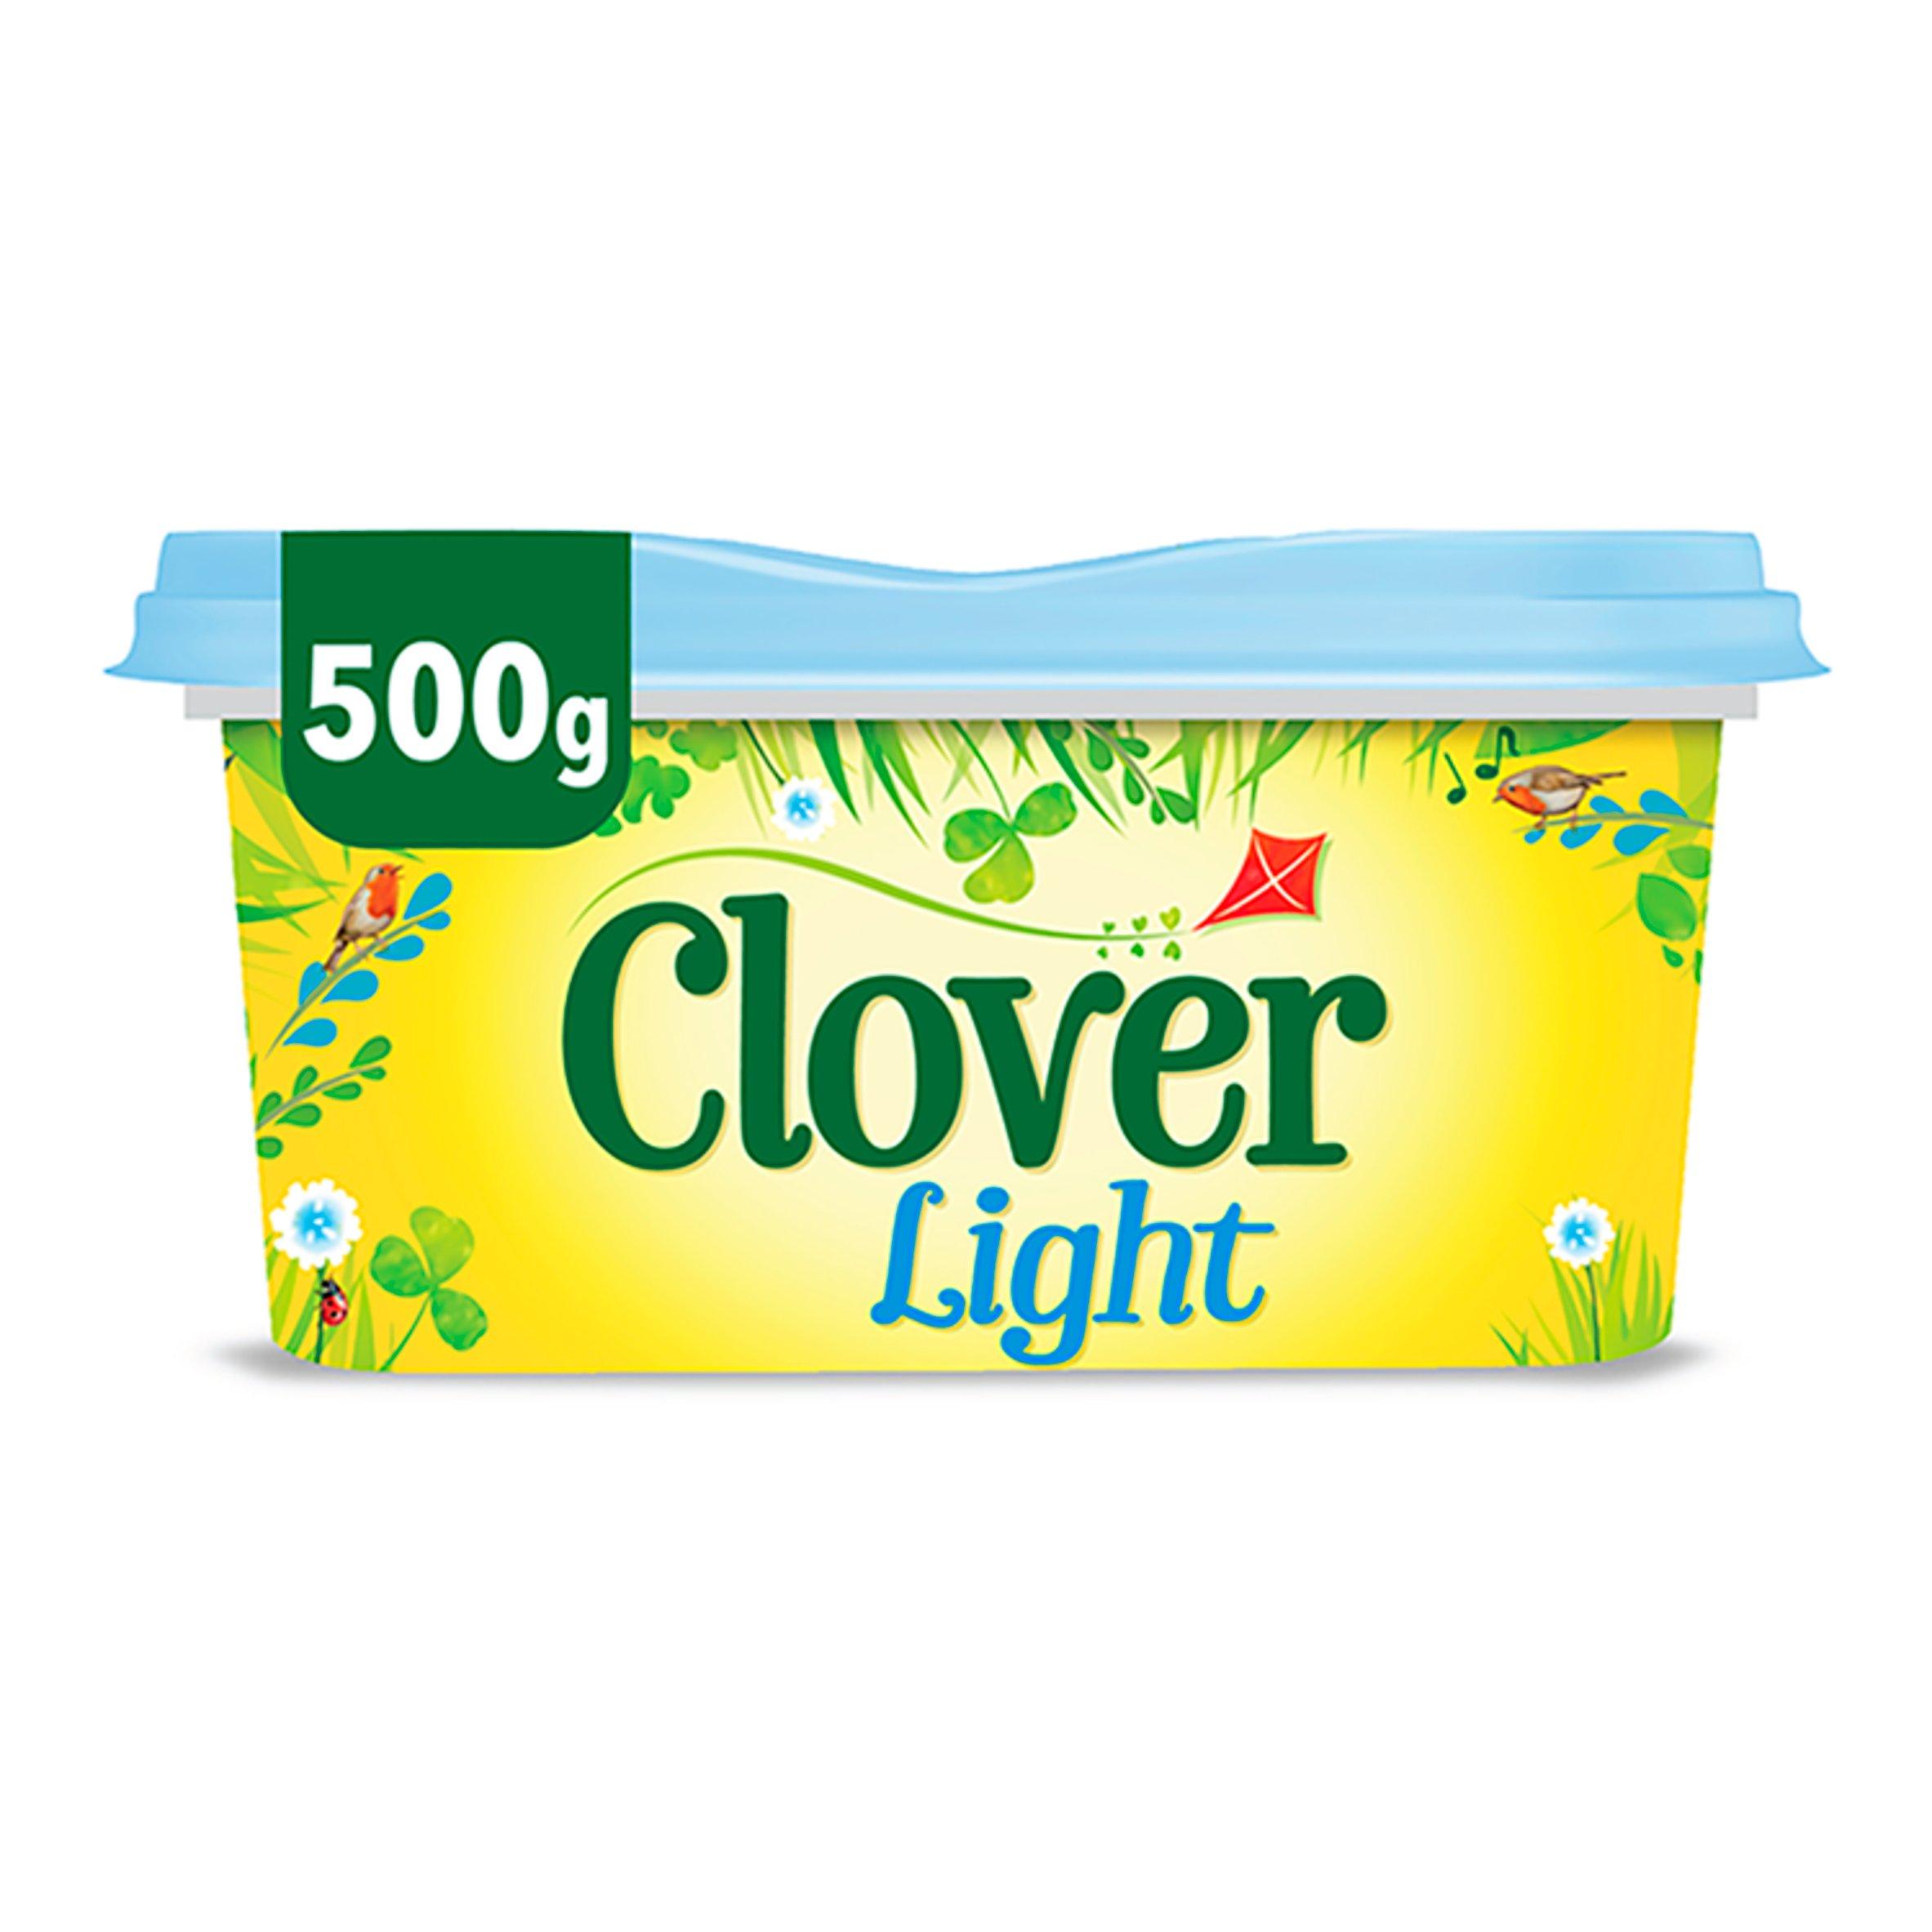 Clover Lighter Spread 500G